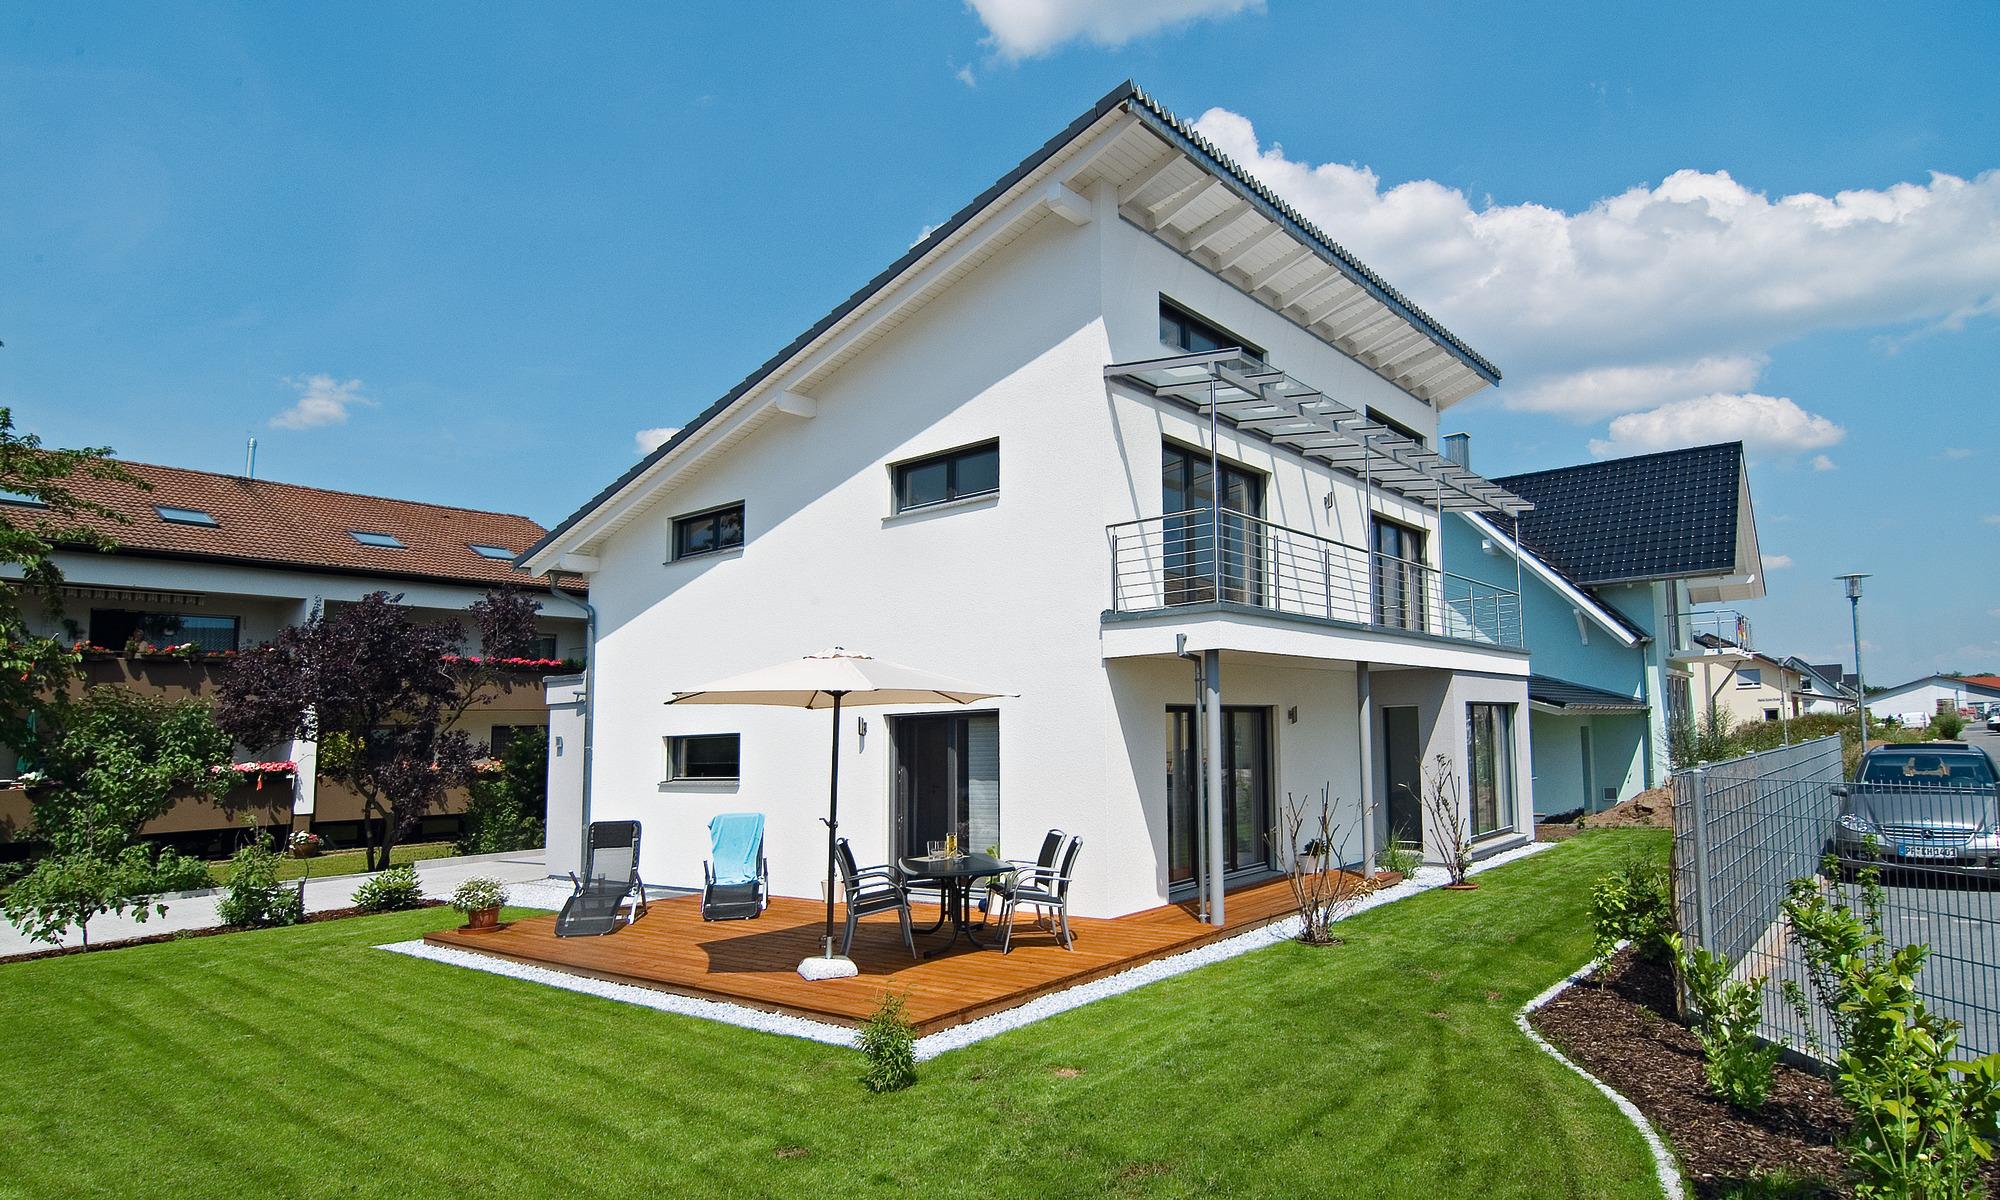 Fertighaus, frei geplantes Architektenhaus, Pultdach